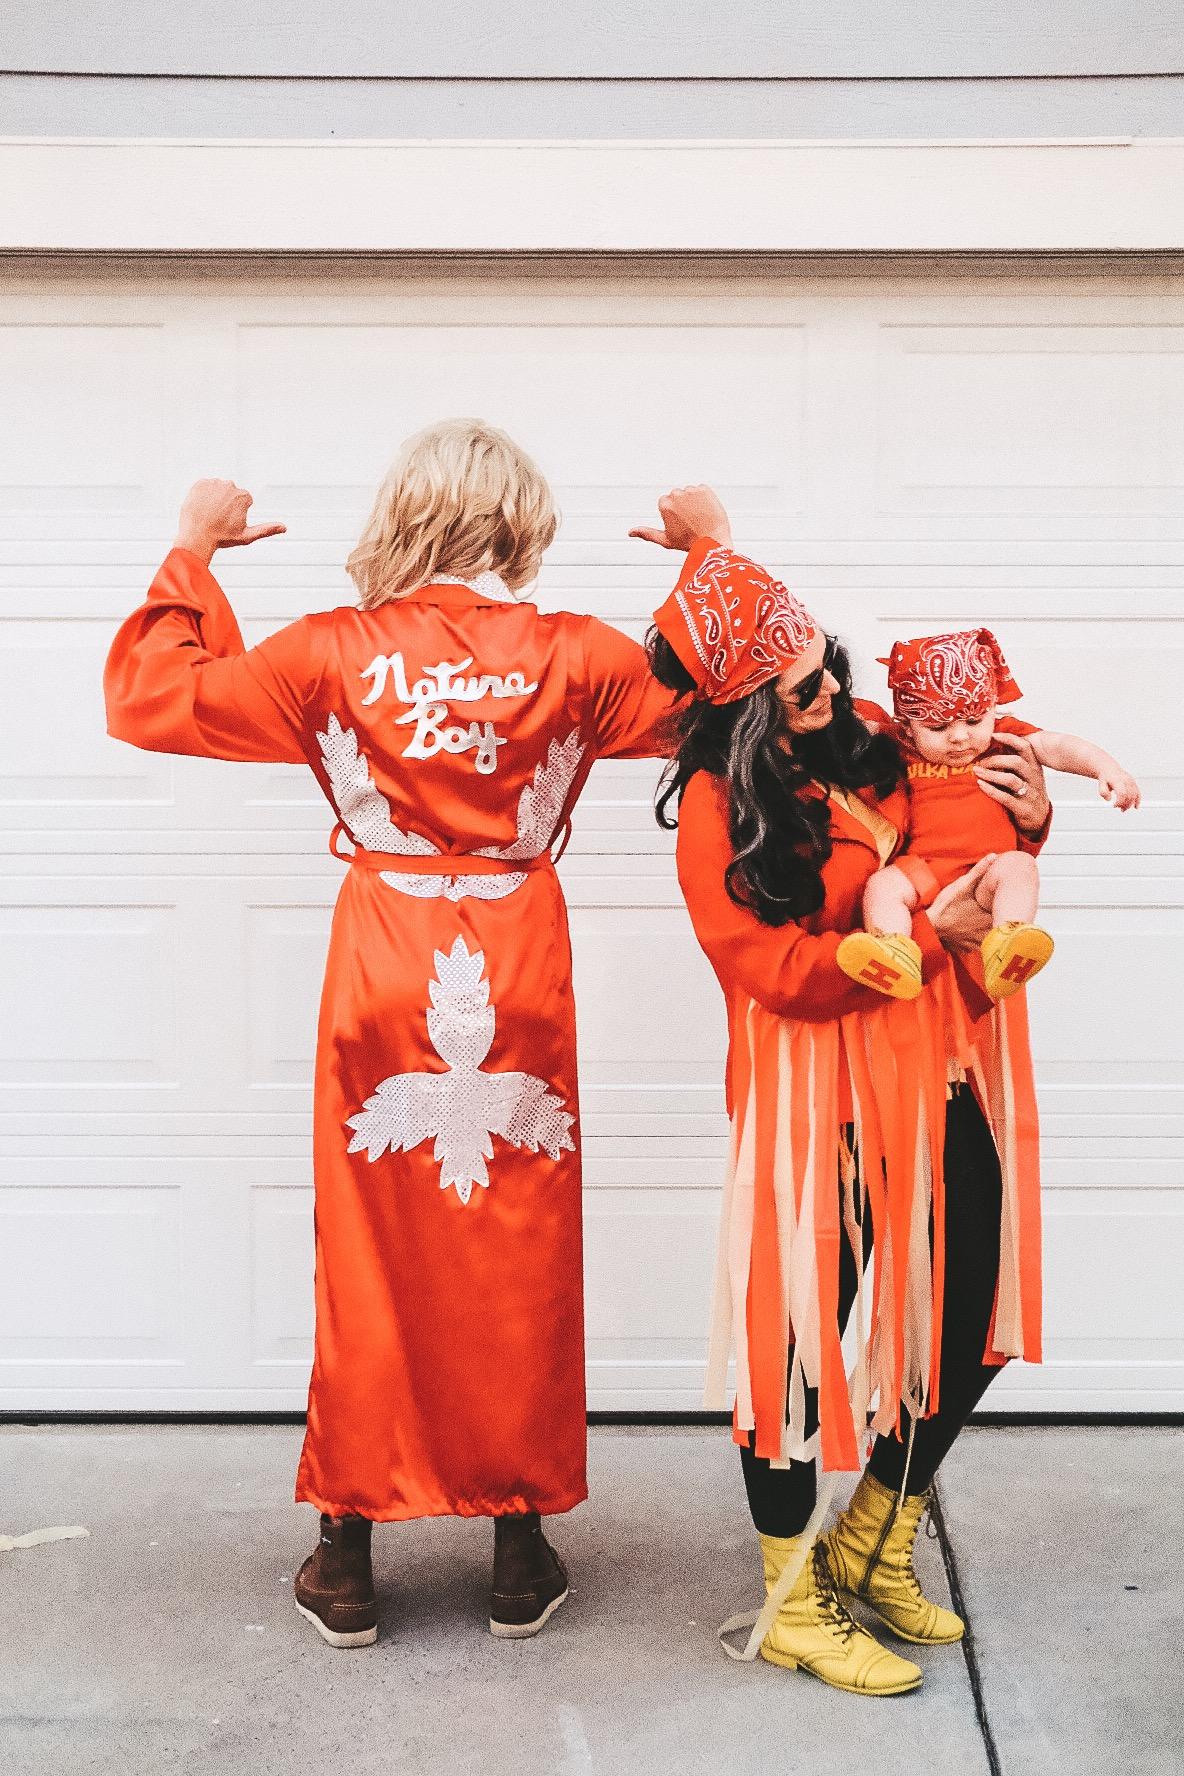 Family Halloween Costume.  WWE Wrestling Family Costume.  DIY baby Hulk Hogan costume.  DIY Macho Man costume.  Nature Boy costume.